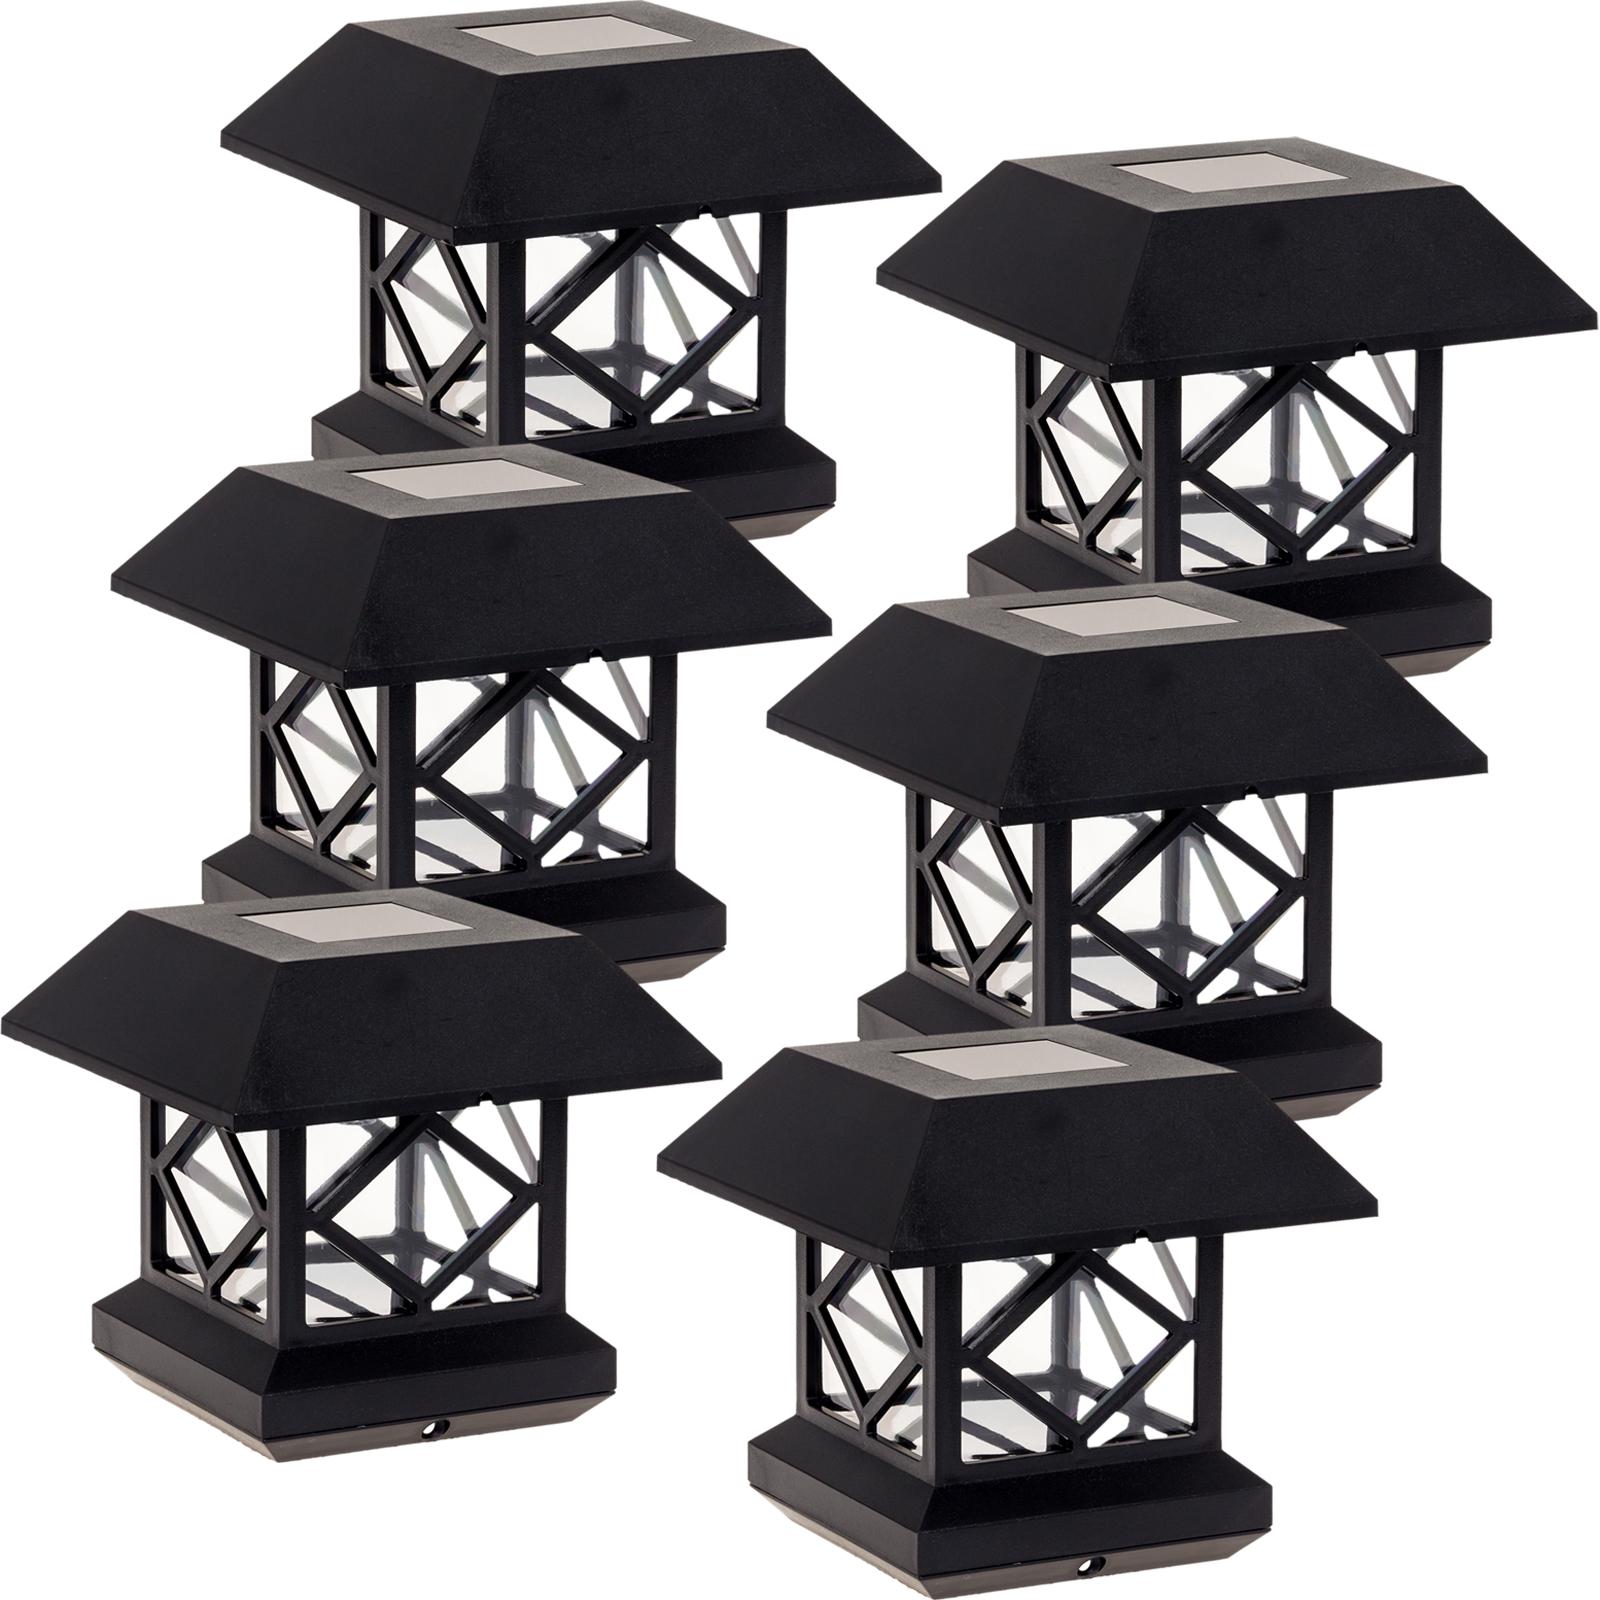 Outdoor Post Cap Lights: GreenLighting Outdoor Summit Solar Post Cap Light For 4x4